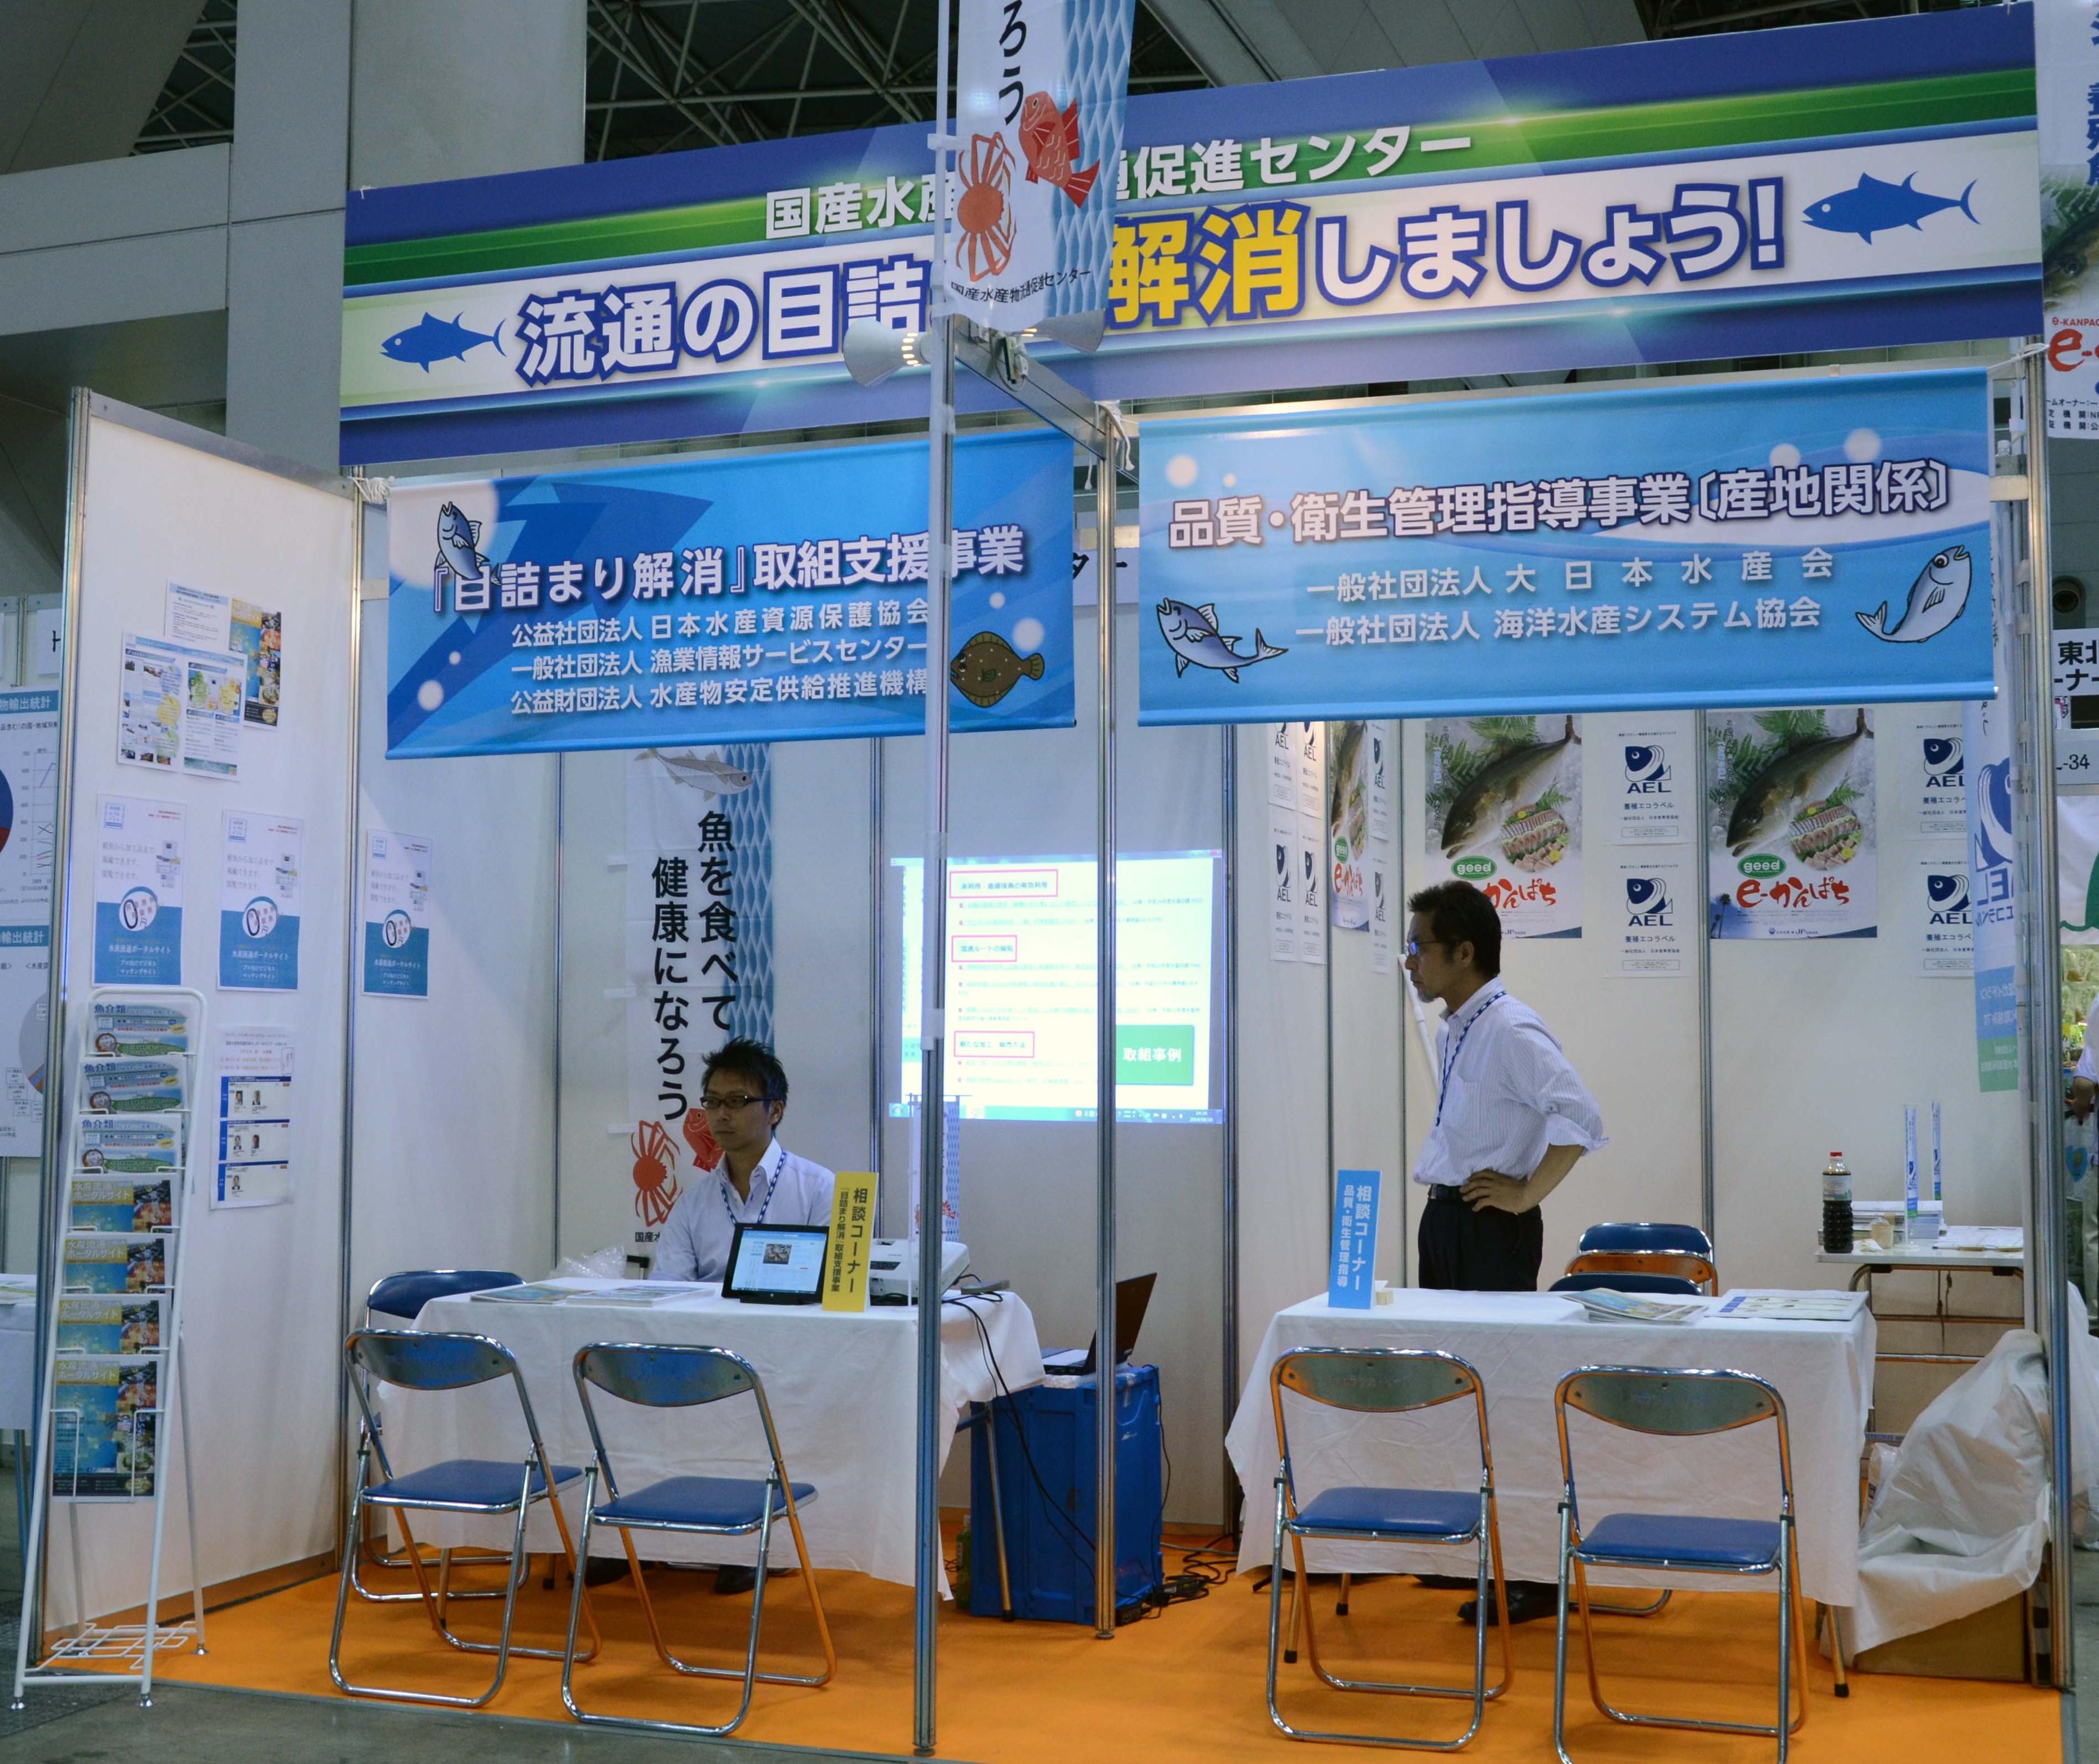 漁業 情報 サービス センター